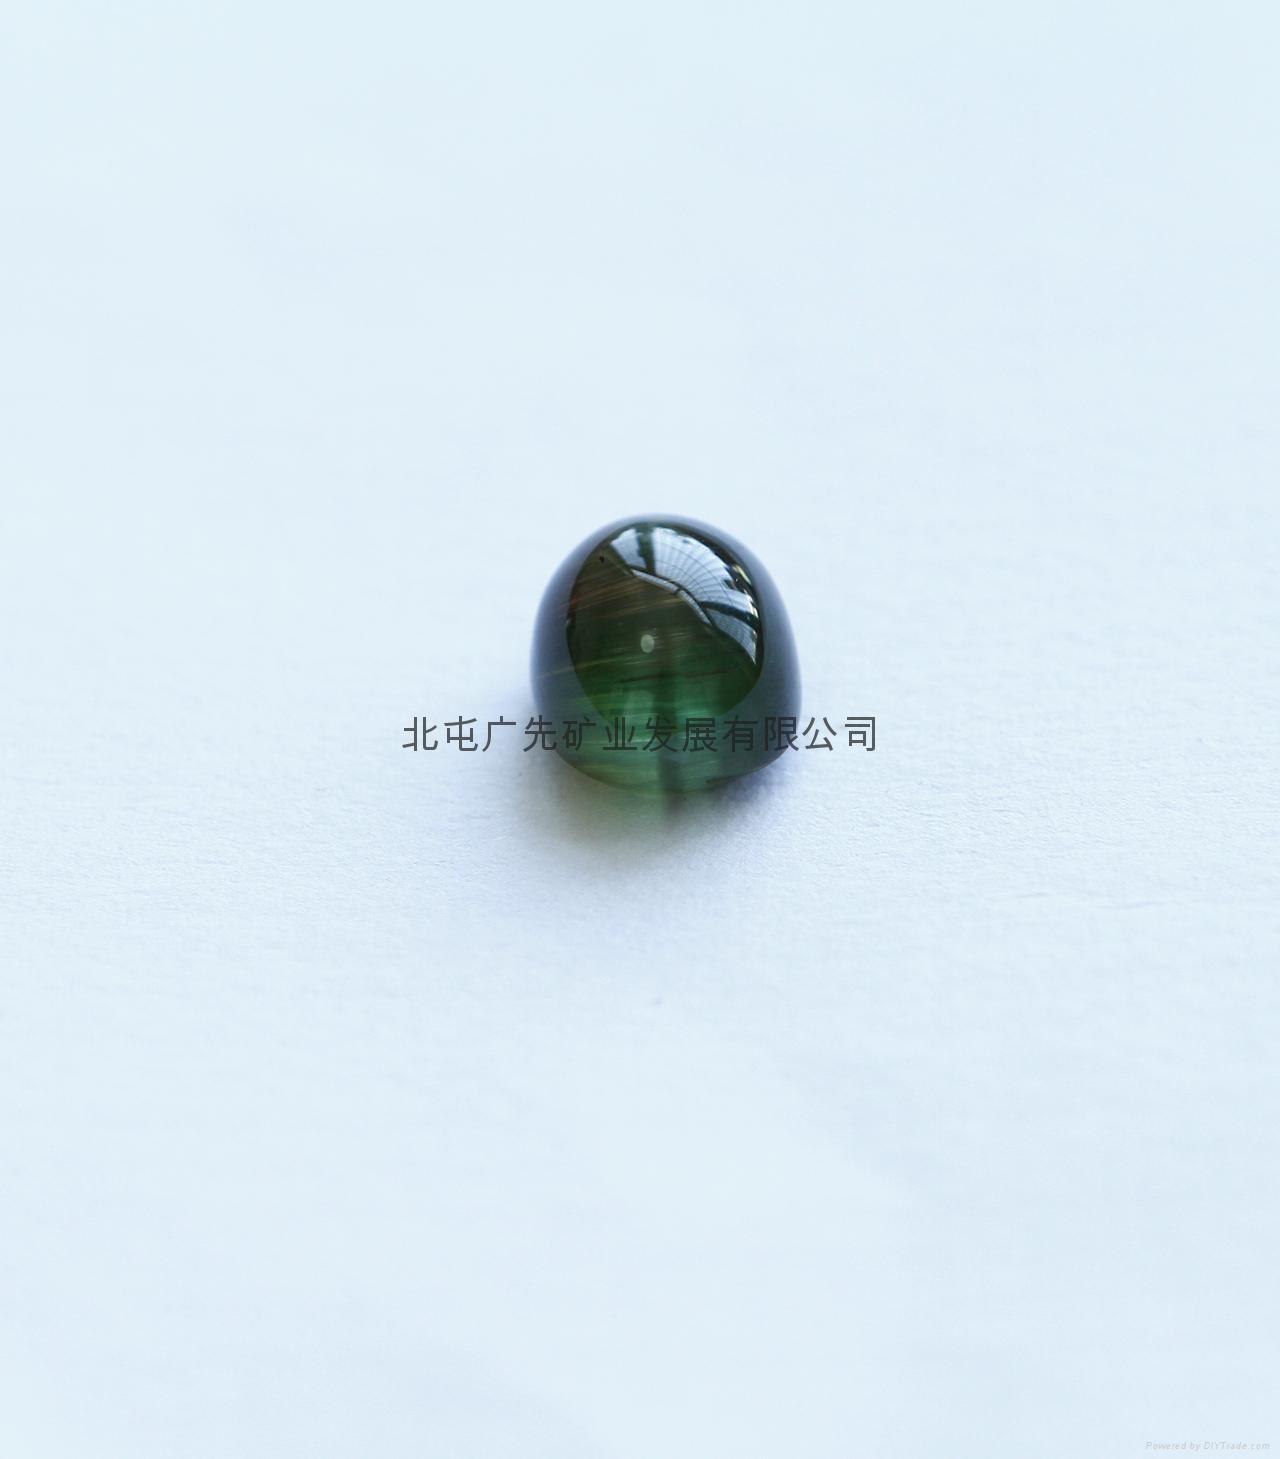 新疆阿勒泰产绿猫眼碧玺裸石(椭圆形)七夕优惠款 3